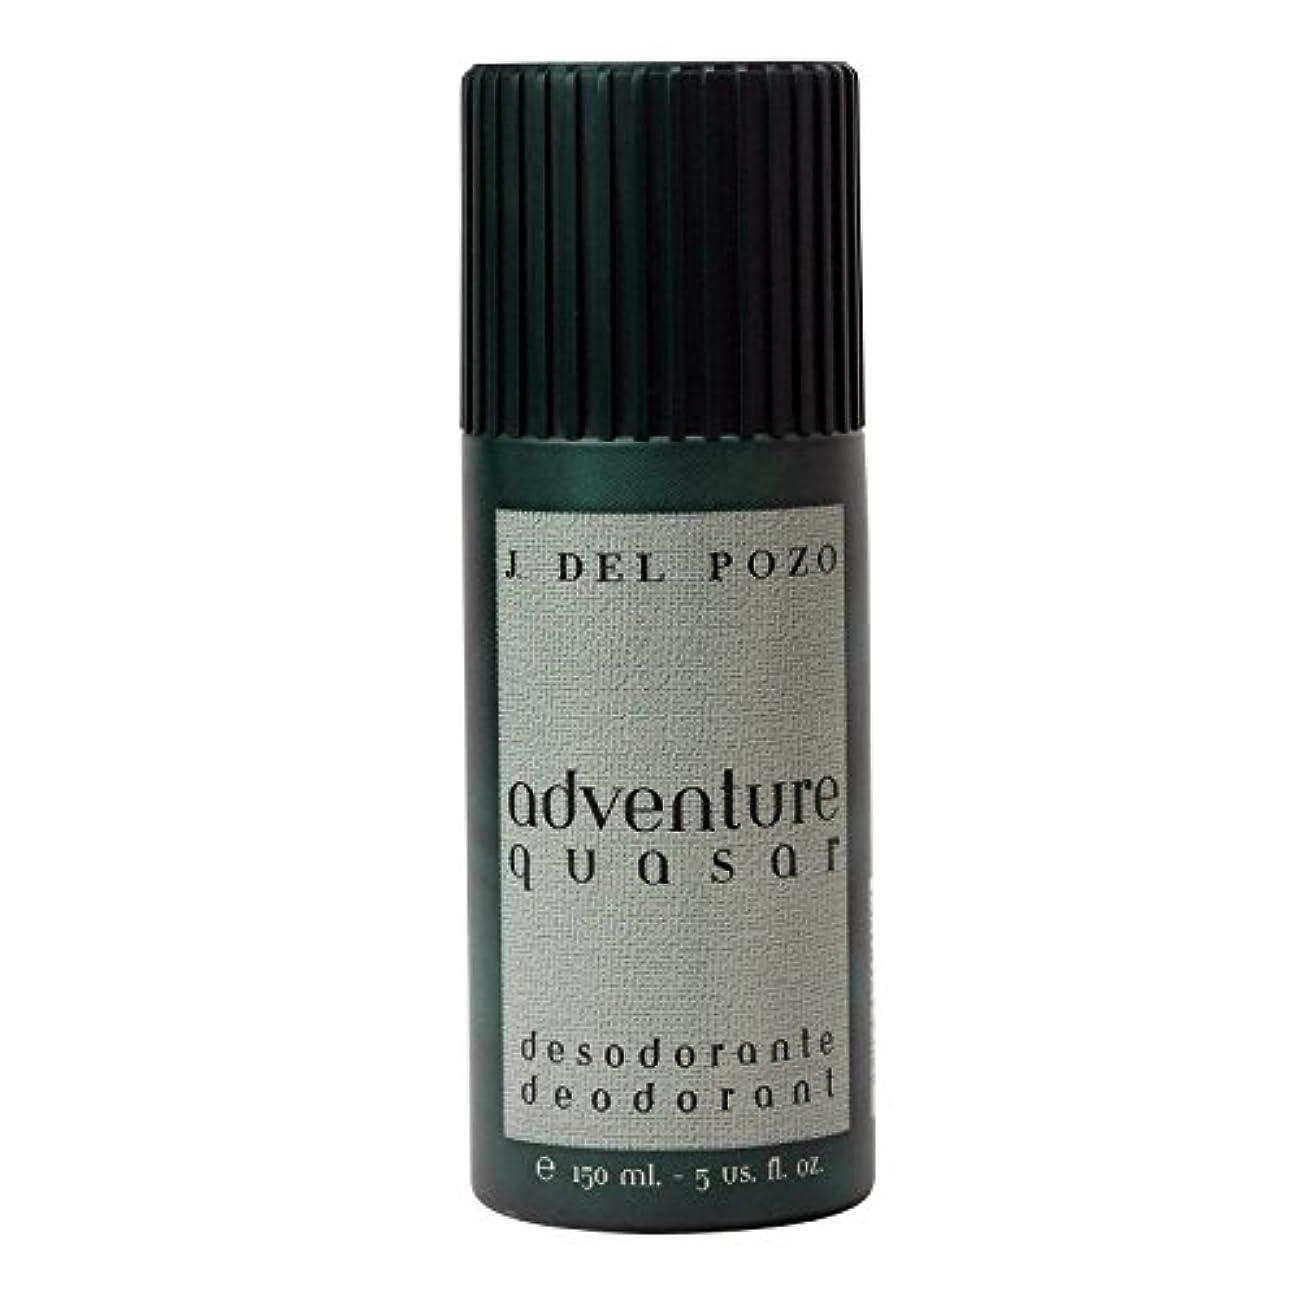 オンスシロナガスクジラマウントAdventure Quasar (アドベンチャー クエイサー) 5.0 oz (150ml) Deodorant Spray by J. Del Pozo for Men